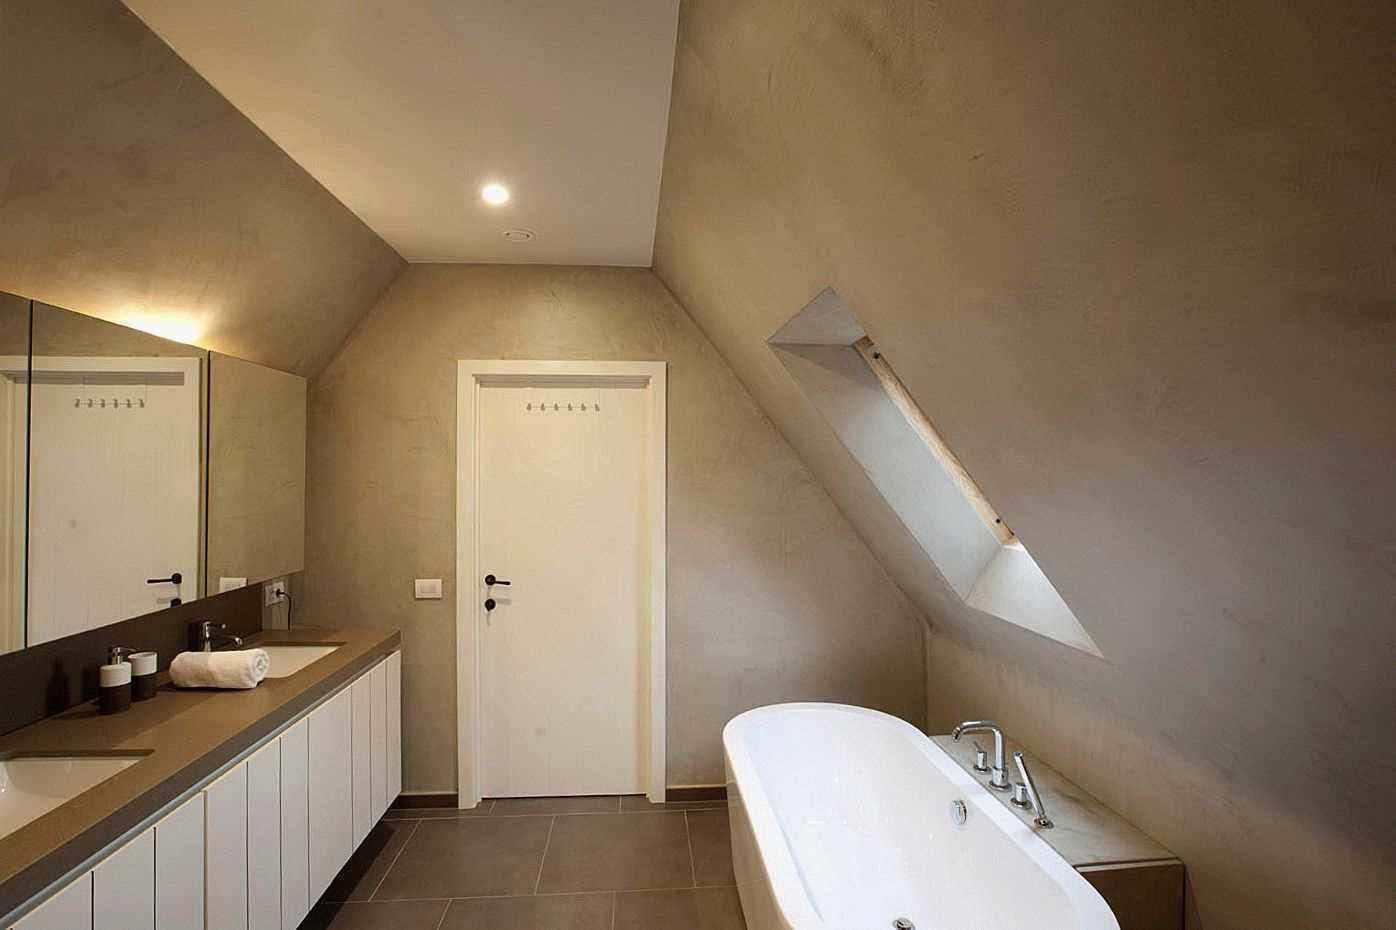 пример использования красивой декоративной штукатурки в декоре ванной комнаты